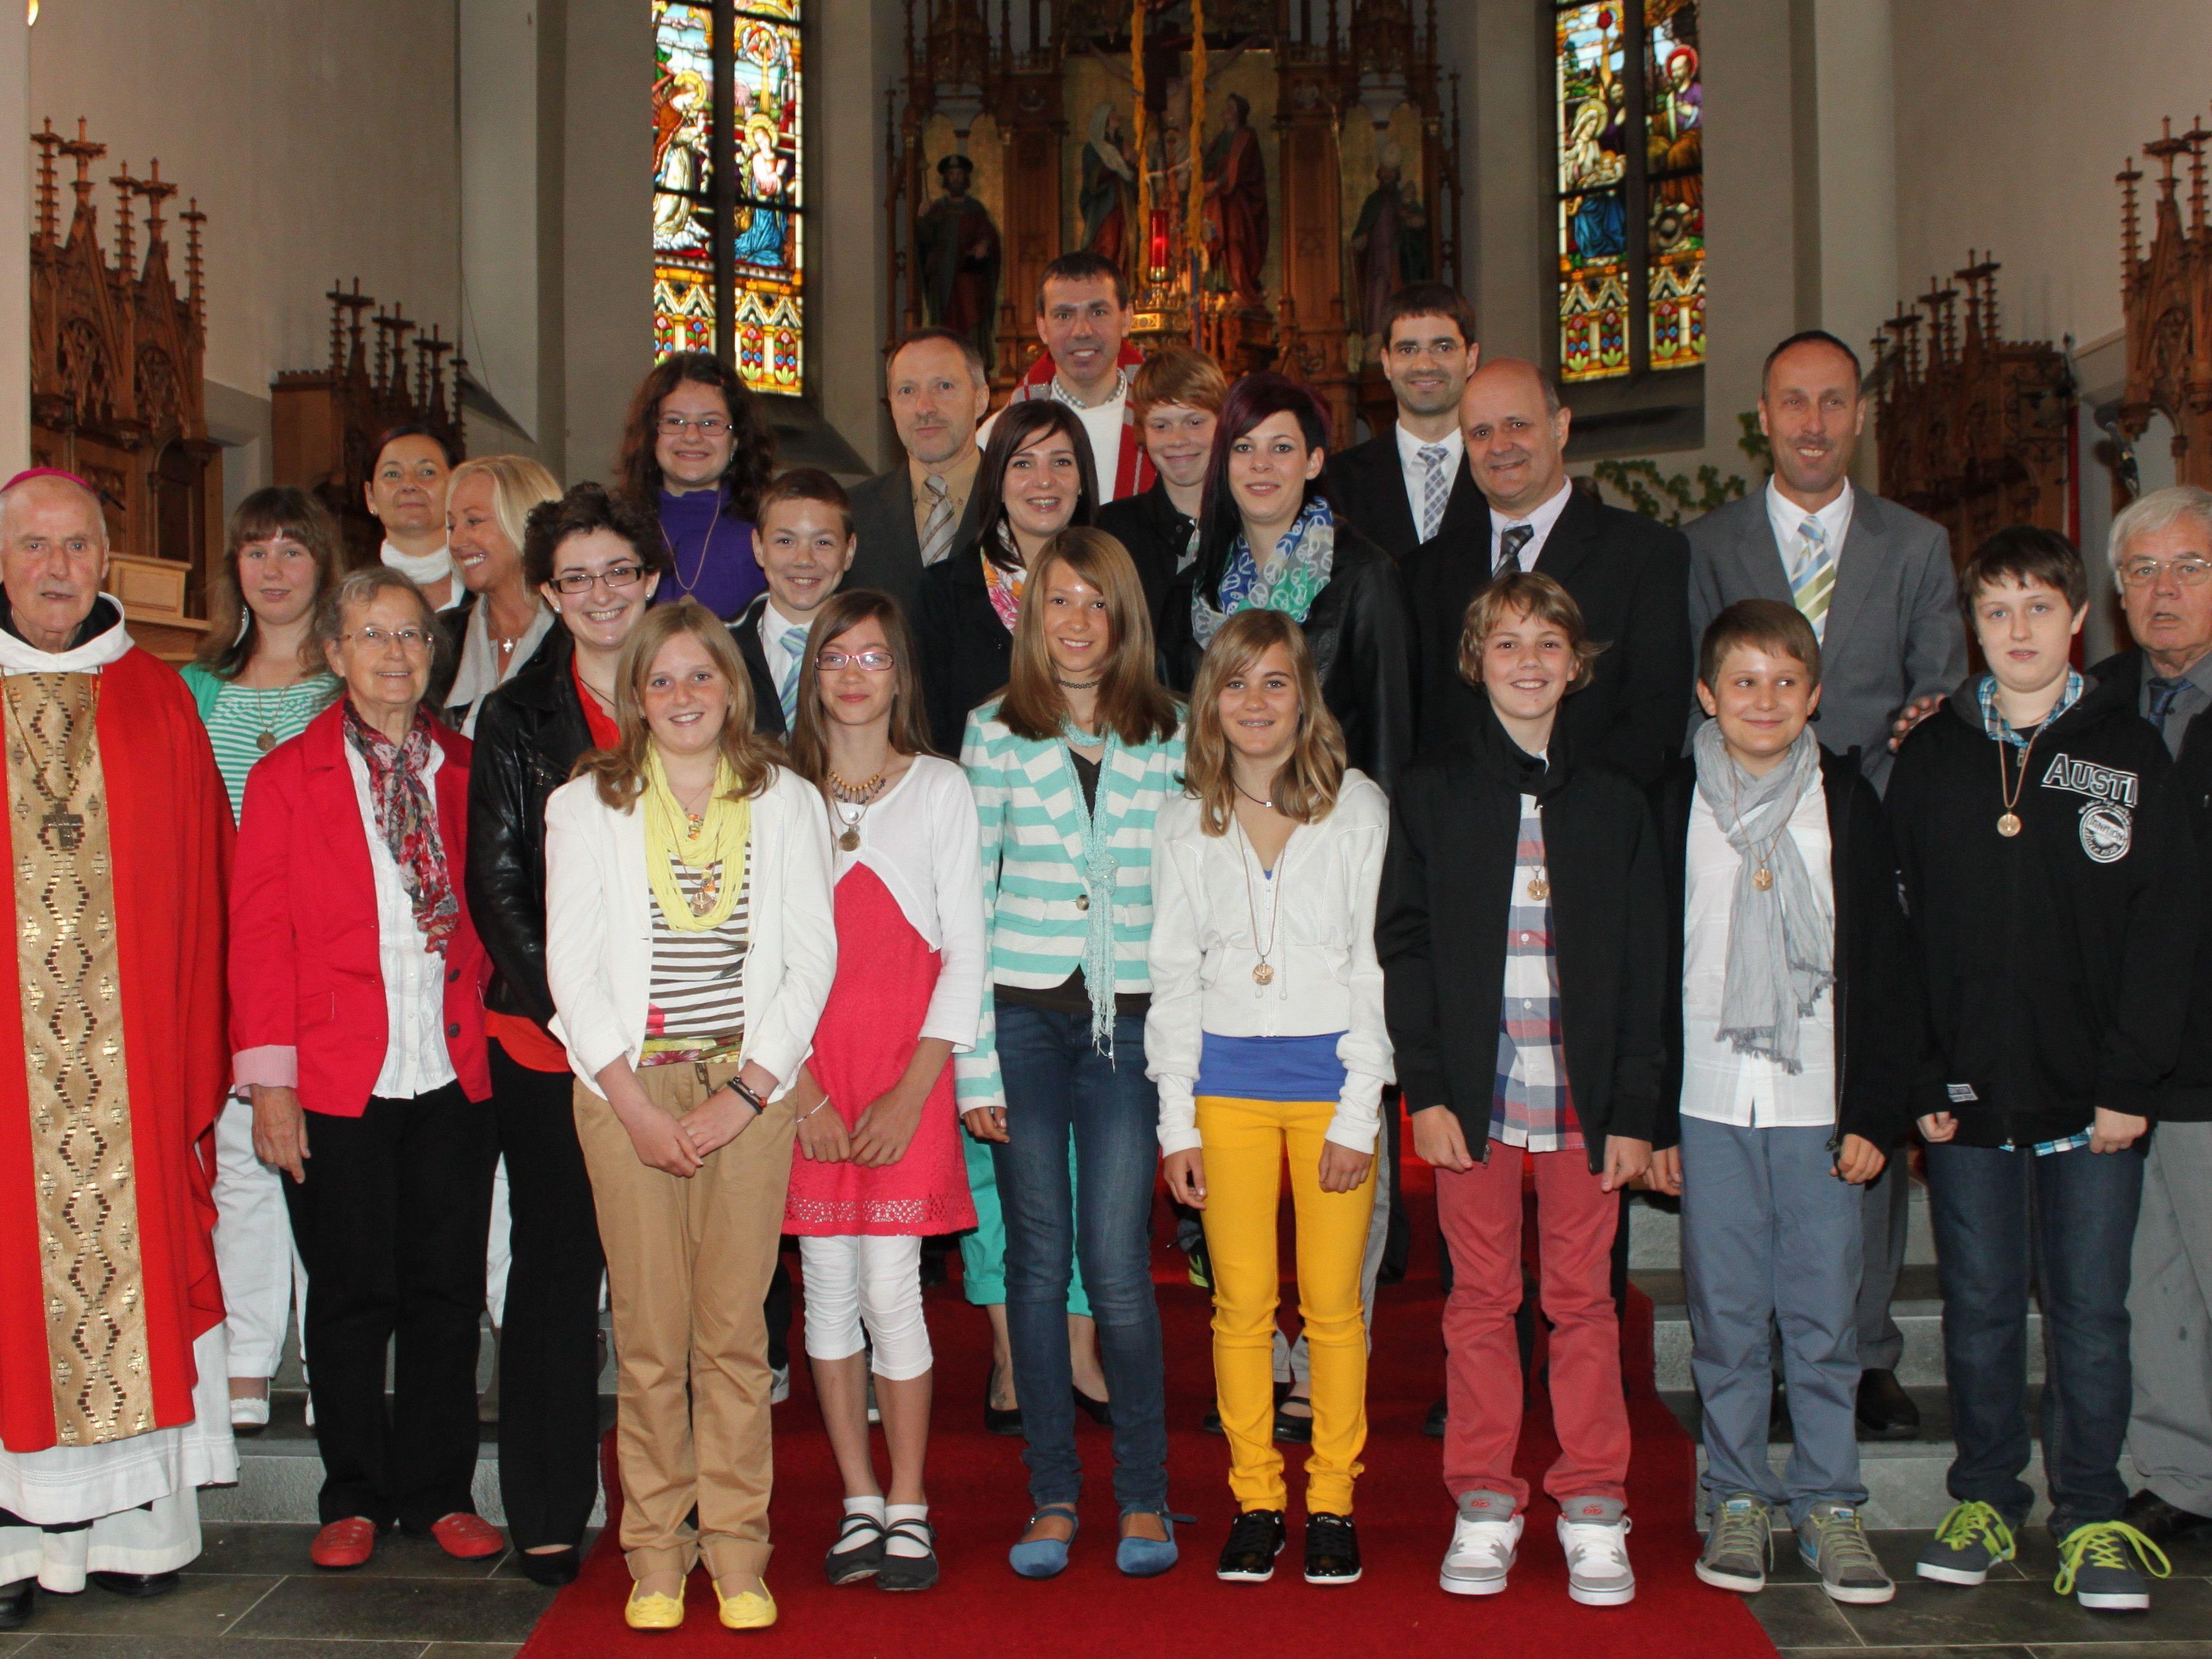 Die 11 Firmlinge mit ihren Paten, Firmspender Abt em. Pater Dr. Kassian Lauterer und Pfarrer (Fraxern und Klaus) Mag. Walter Metzler.